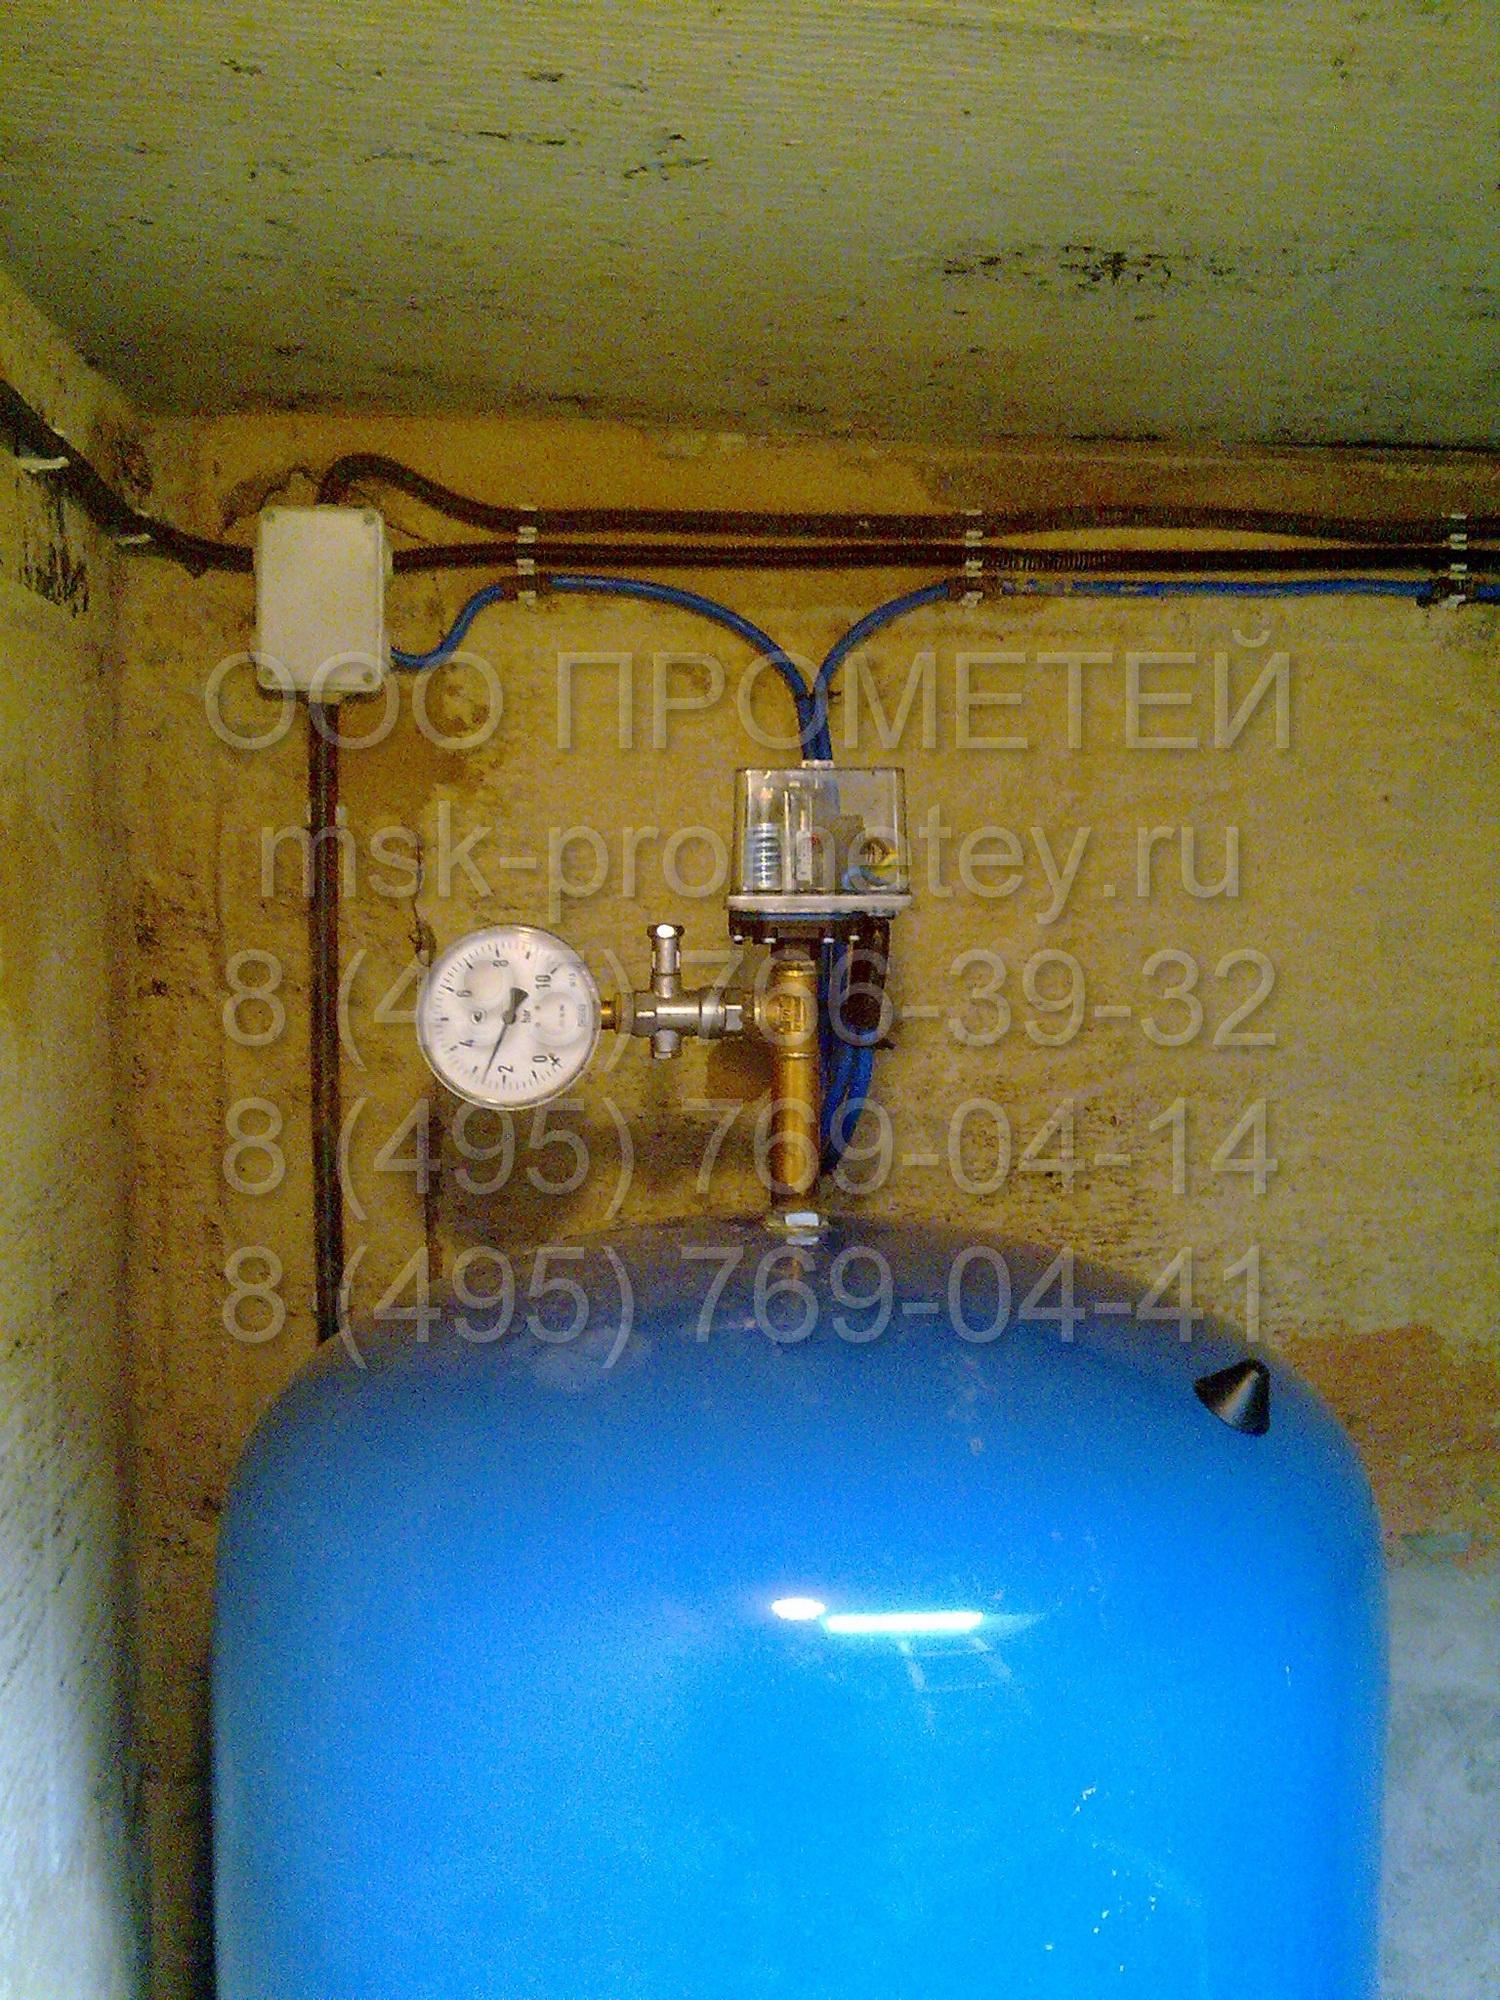 Водопровод из колодца на даче своими руками фото